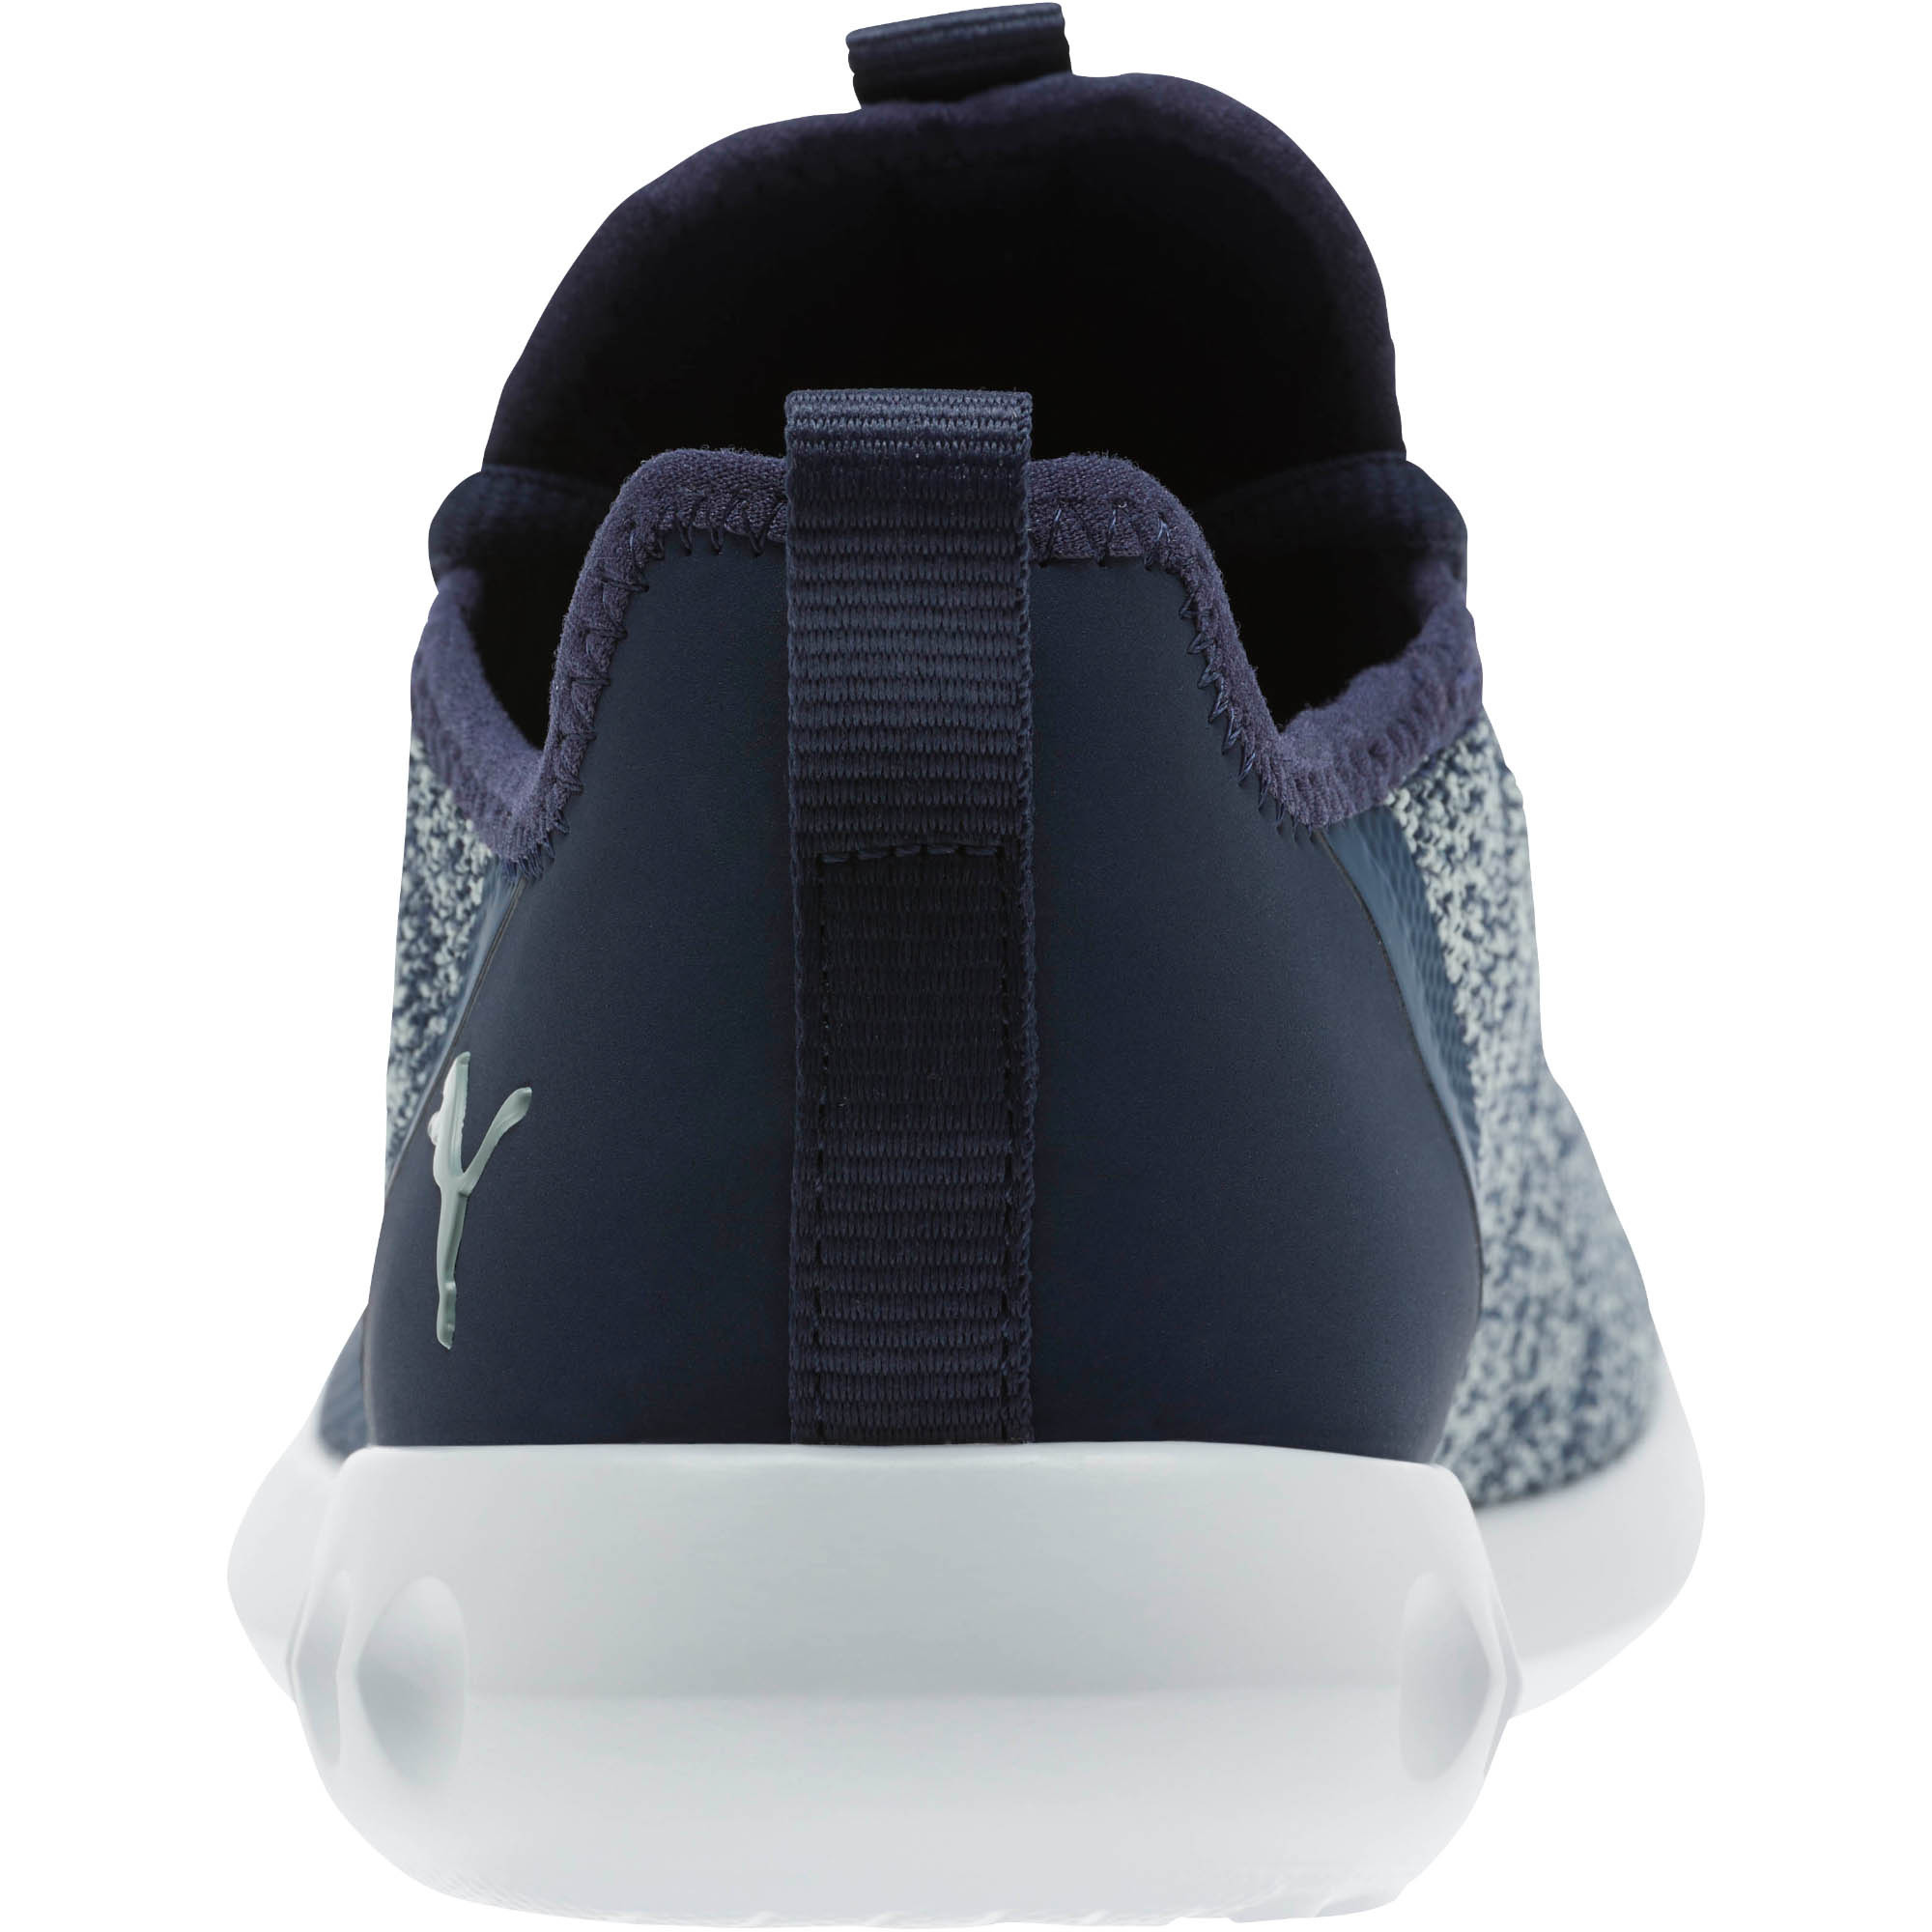 PUMA-Carson-2-X-Knit-Women-s-Running-Shoes-Women-Shoe-Running thumbnail 5